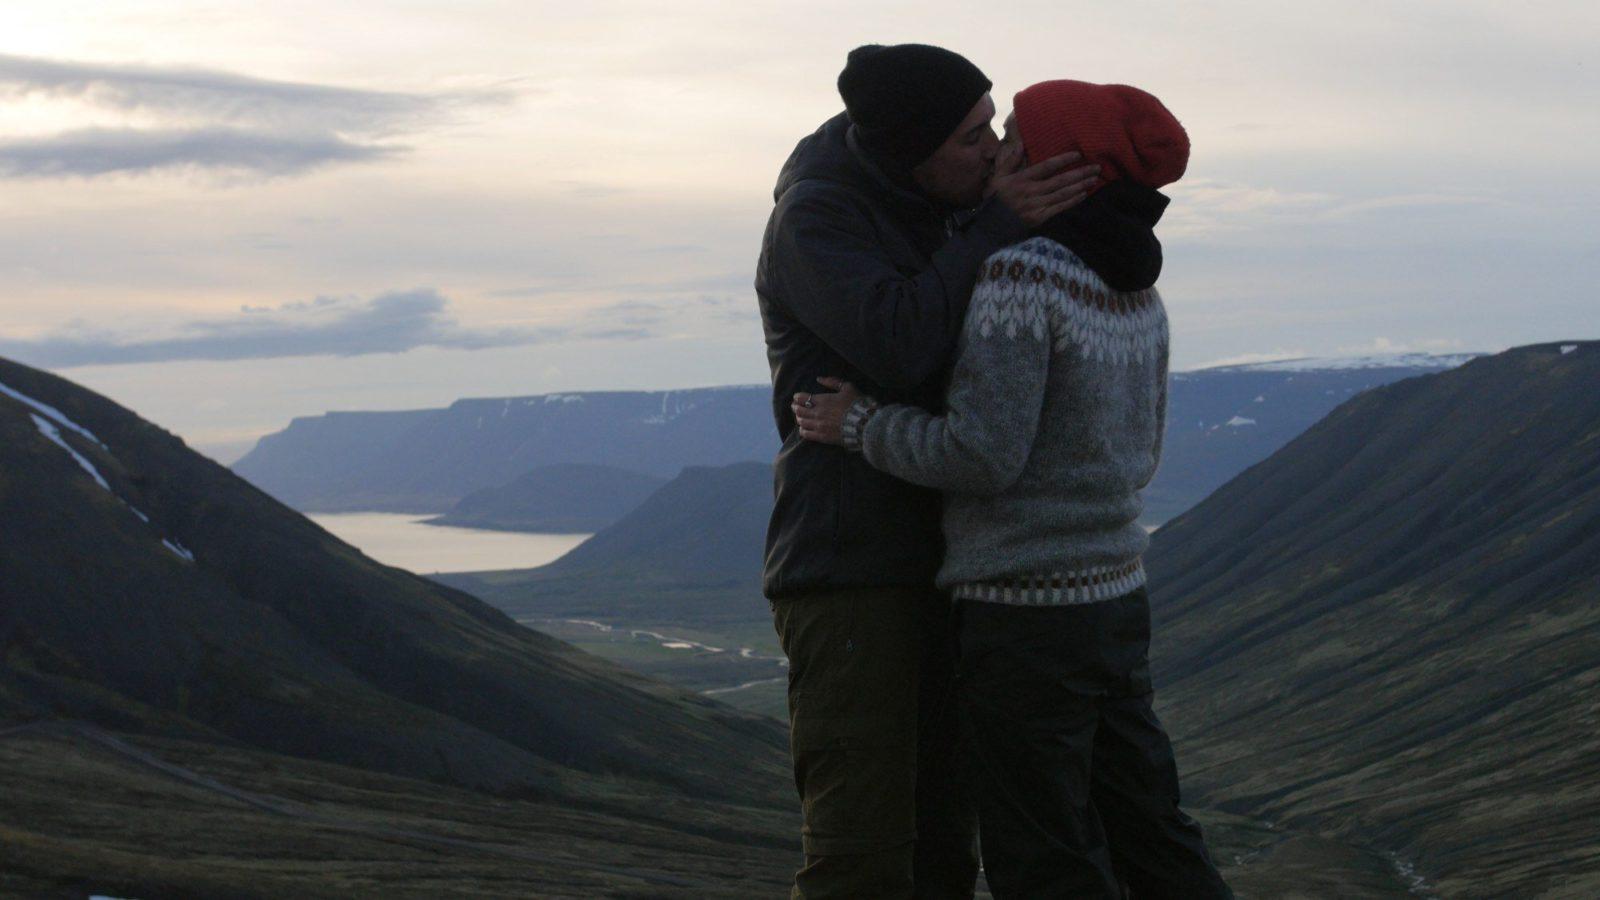 Enjoying a snog in Iceland.